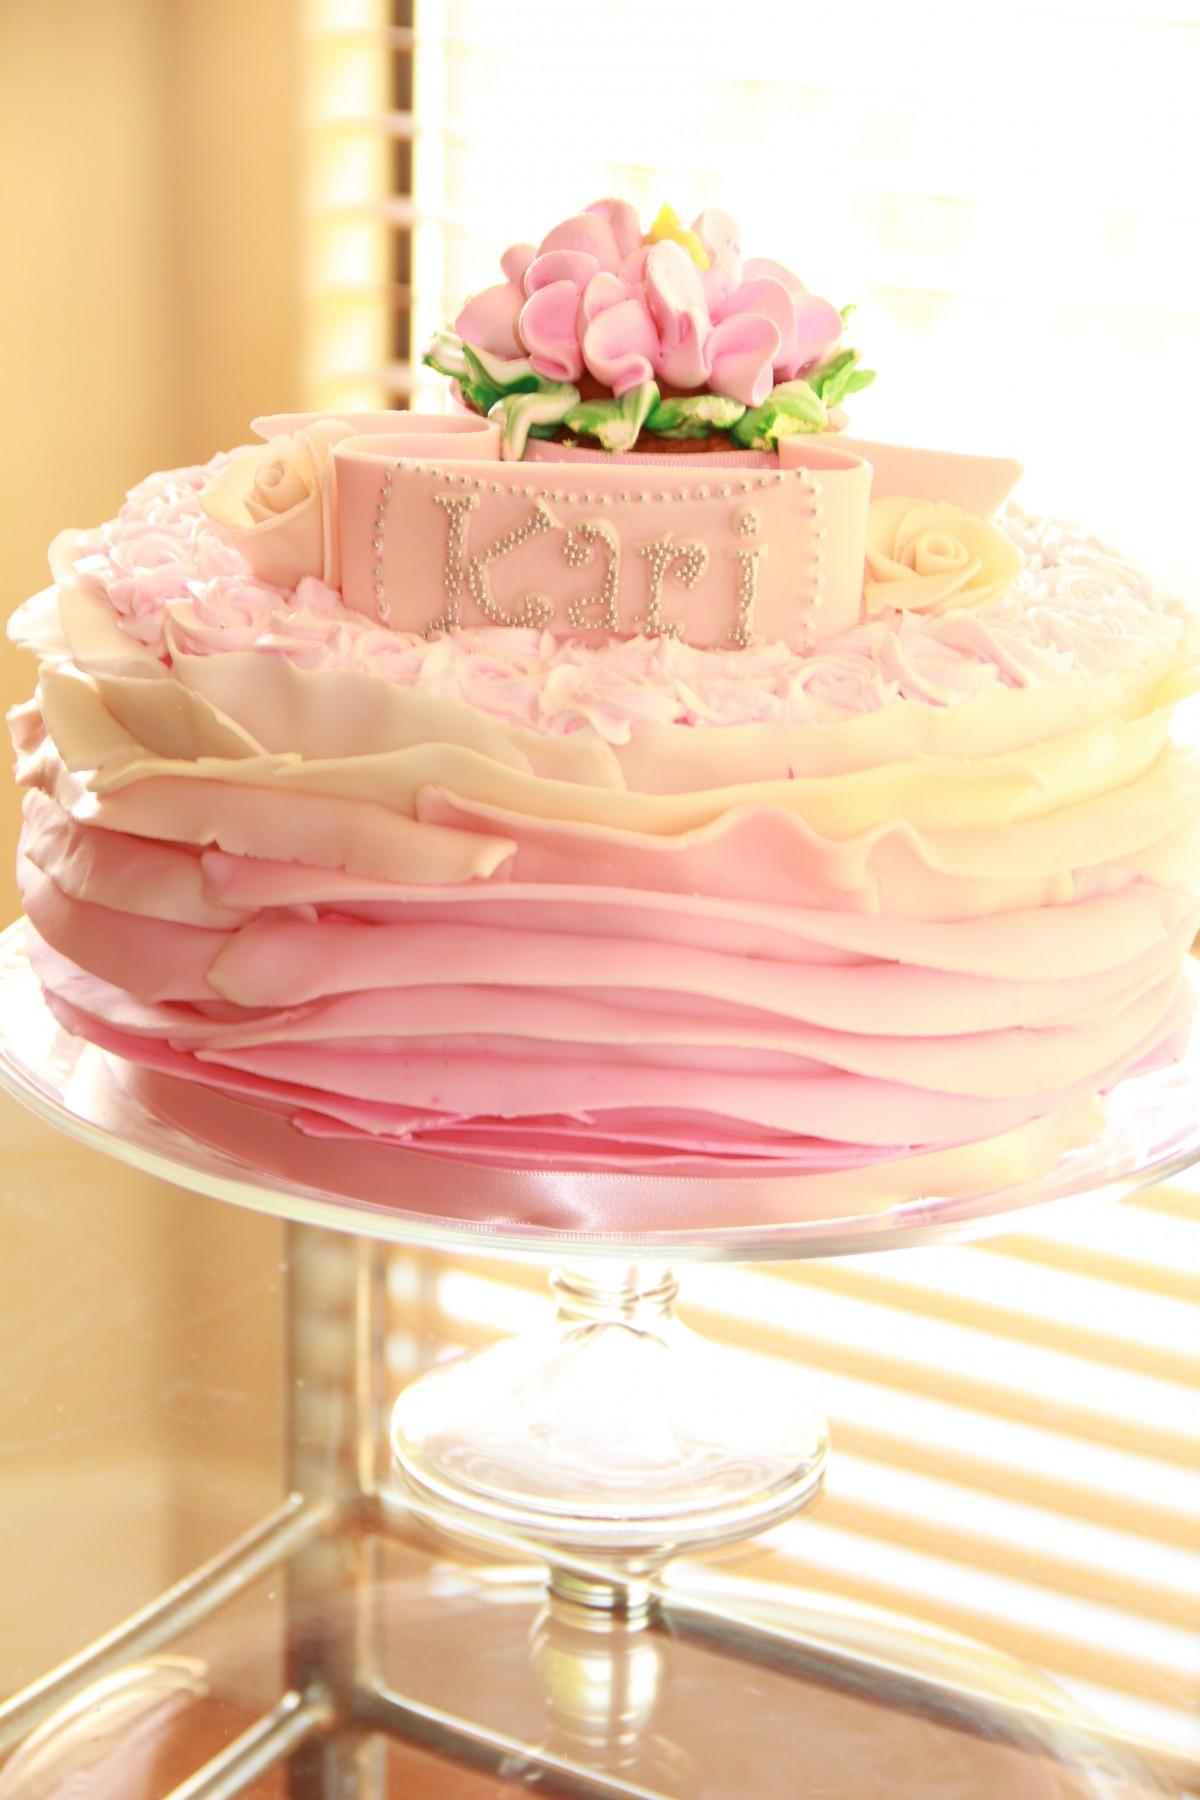 Free Images : sweet, flower, petal, celebration, food